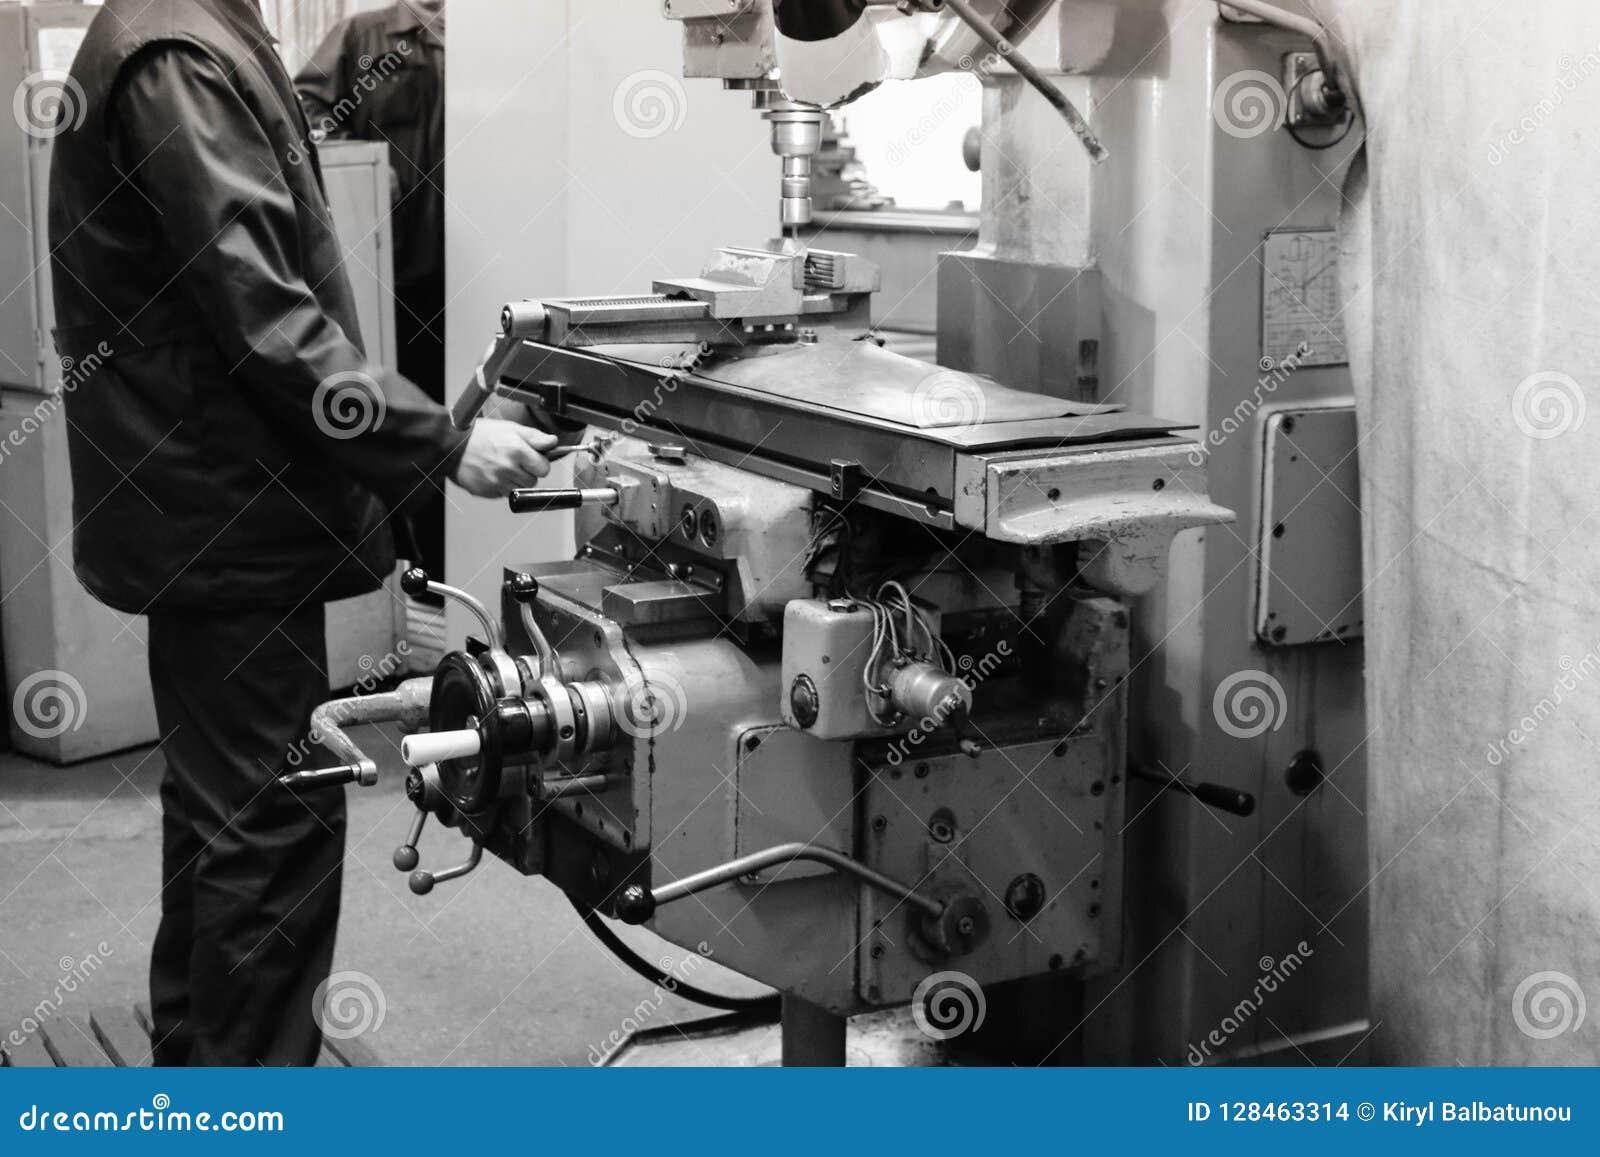 Stryker manliga arbeten för en arbetare på en större metall låssmeddrejbänken, utrustning för reparationer, metallarbete i ett se